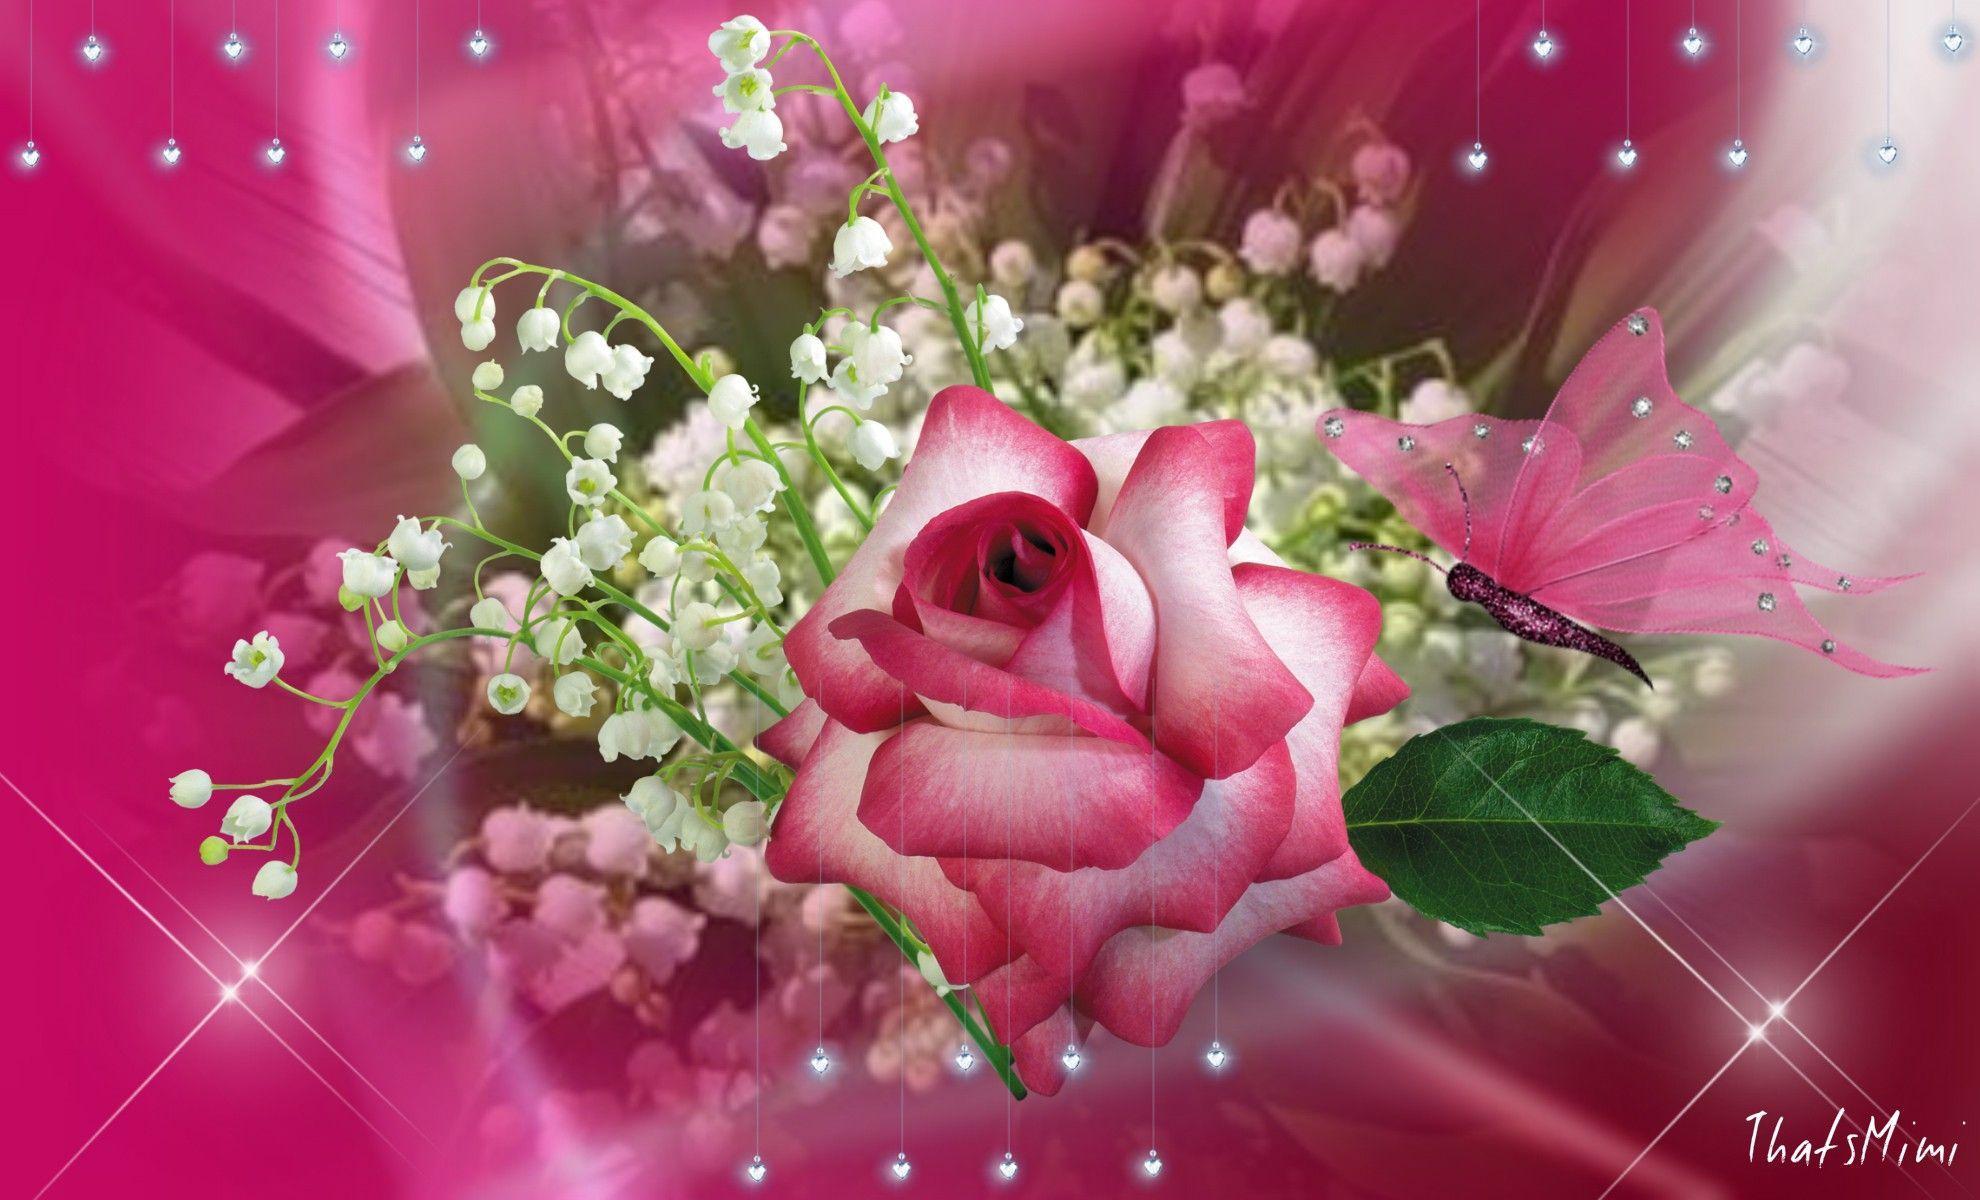 Красивые картинки цветы блестящие, целовать